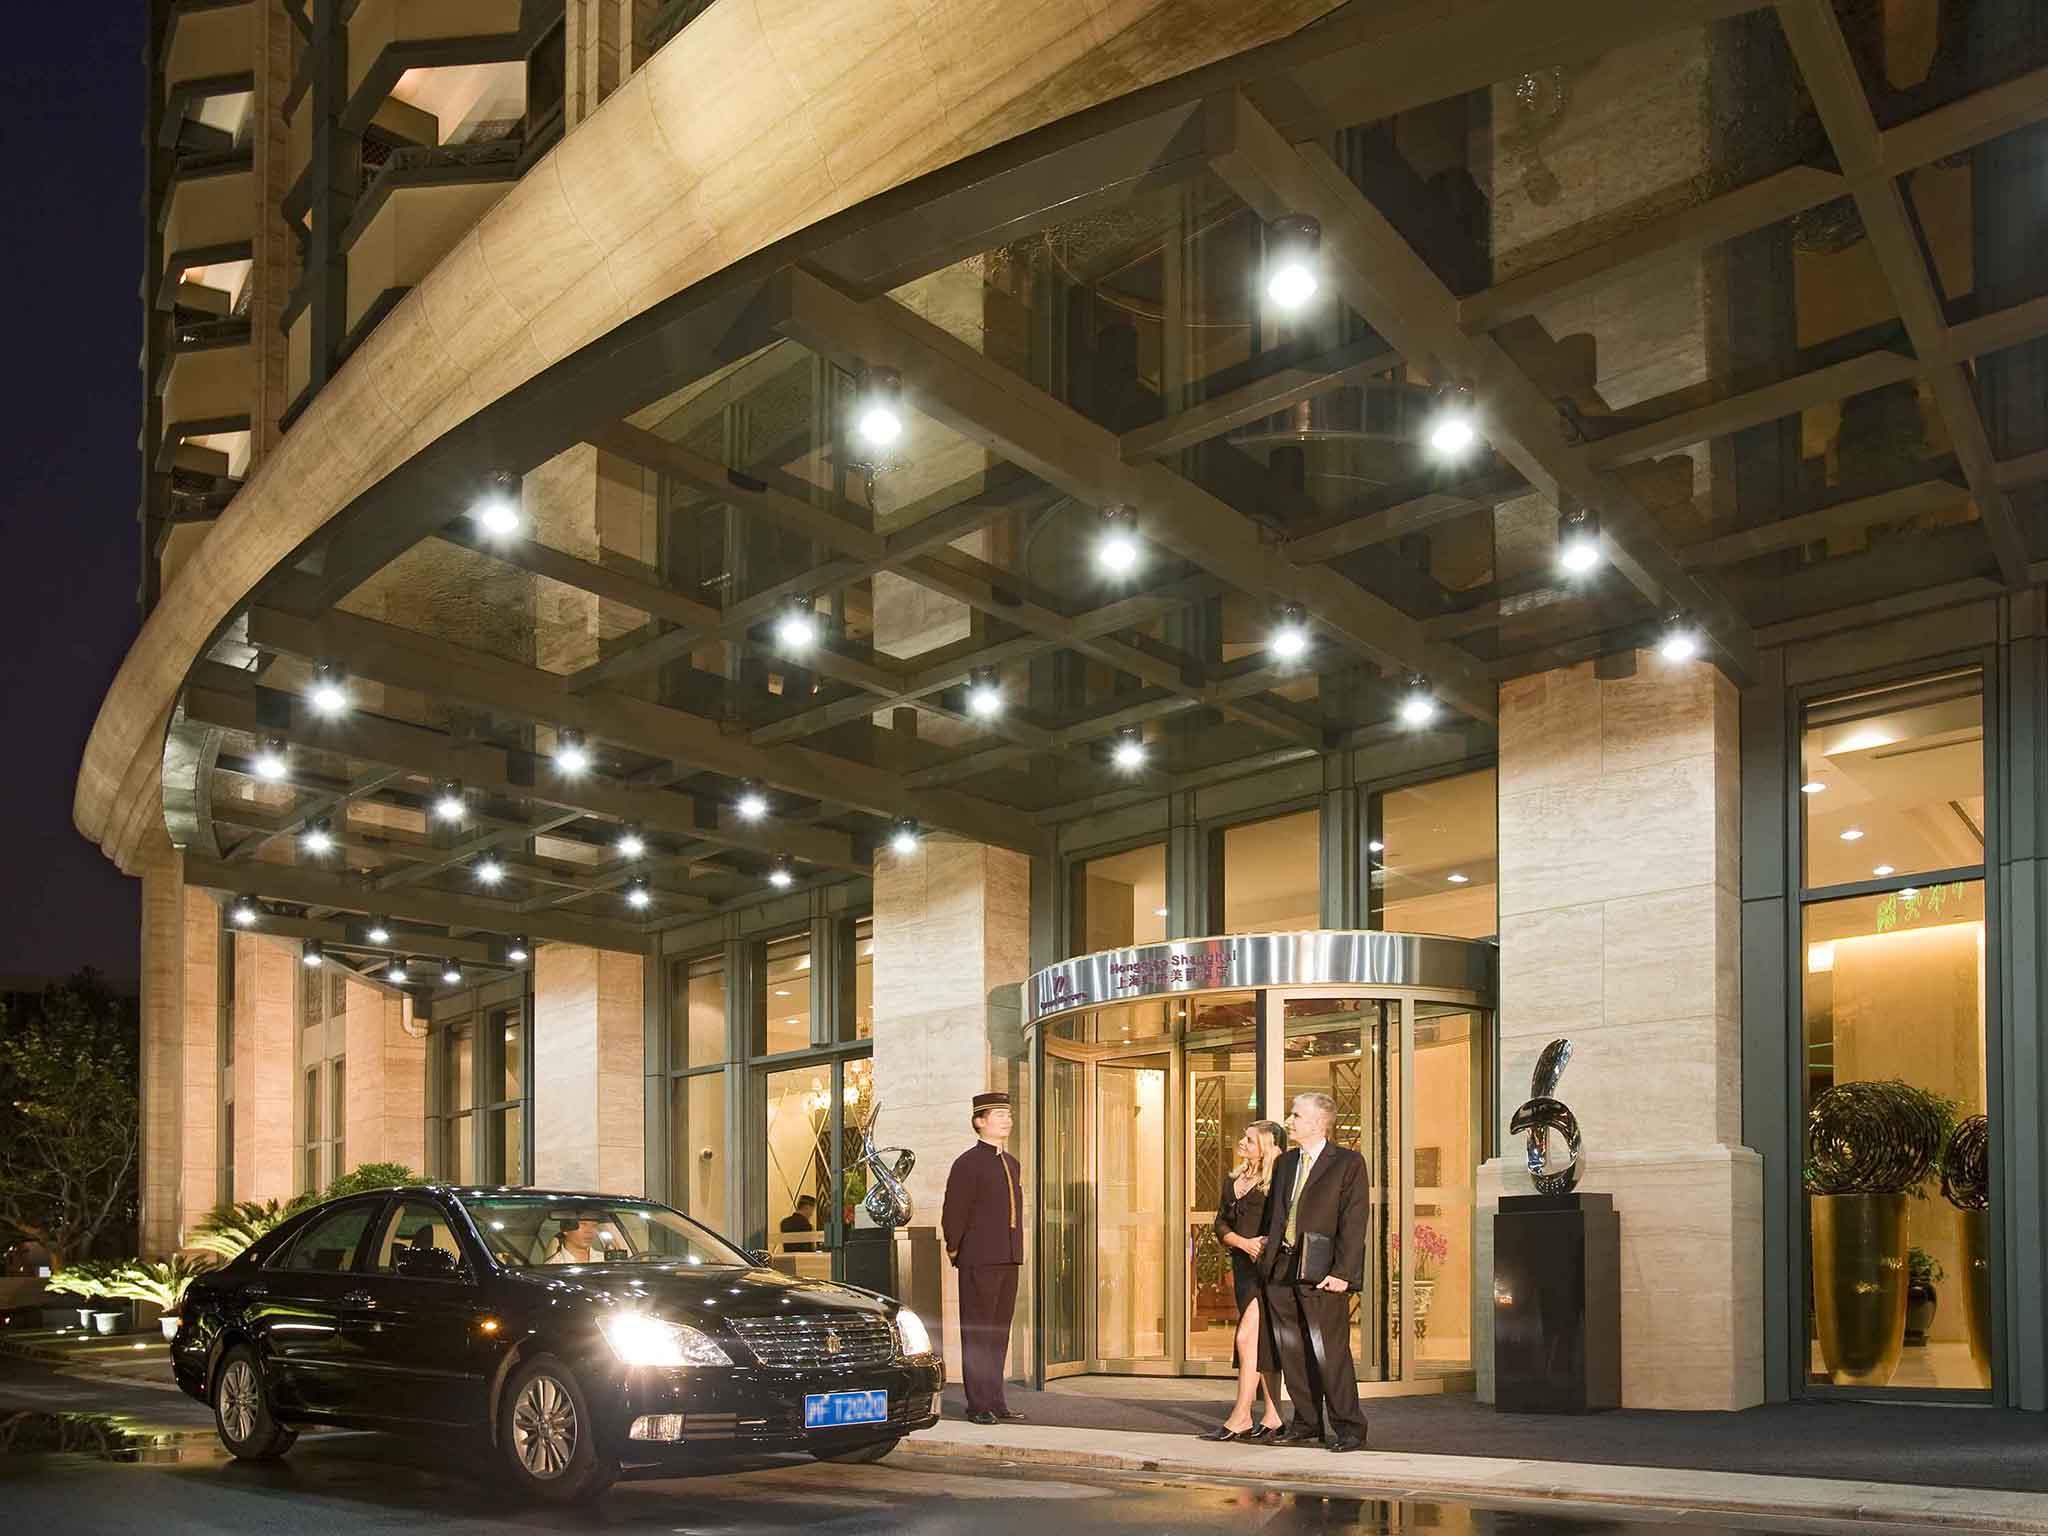 โรงแรม – แกรนด์ เมอร์เคียว เซี่ยงไฮ้ หงเฉียว